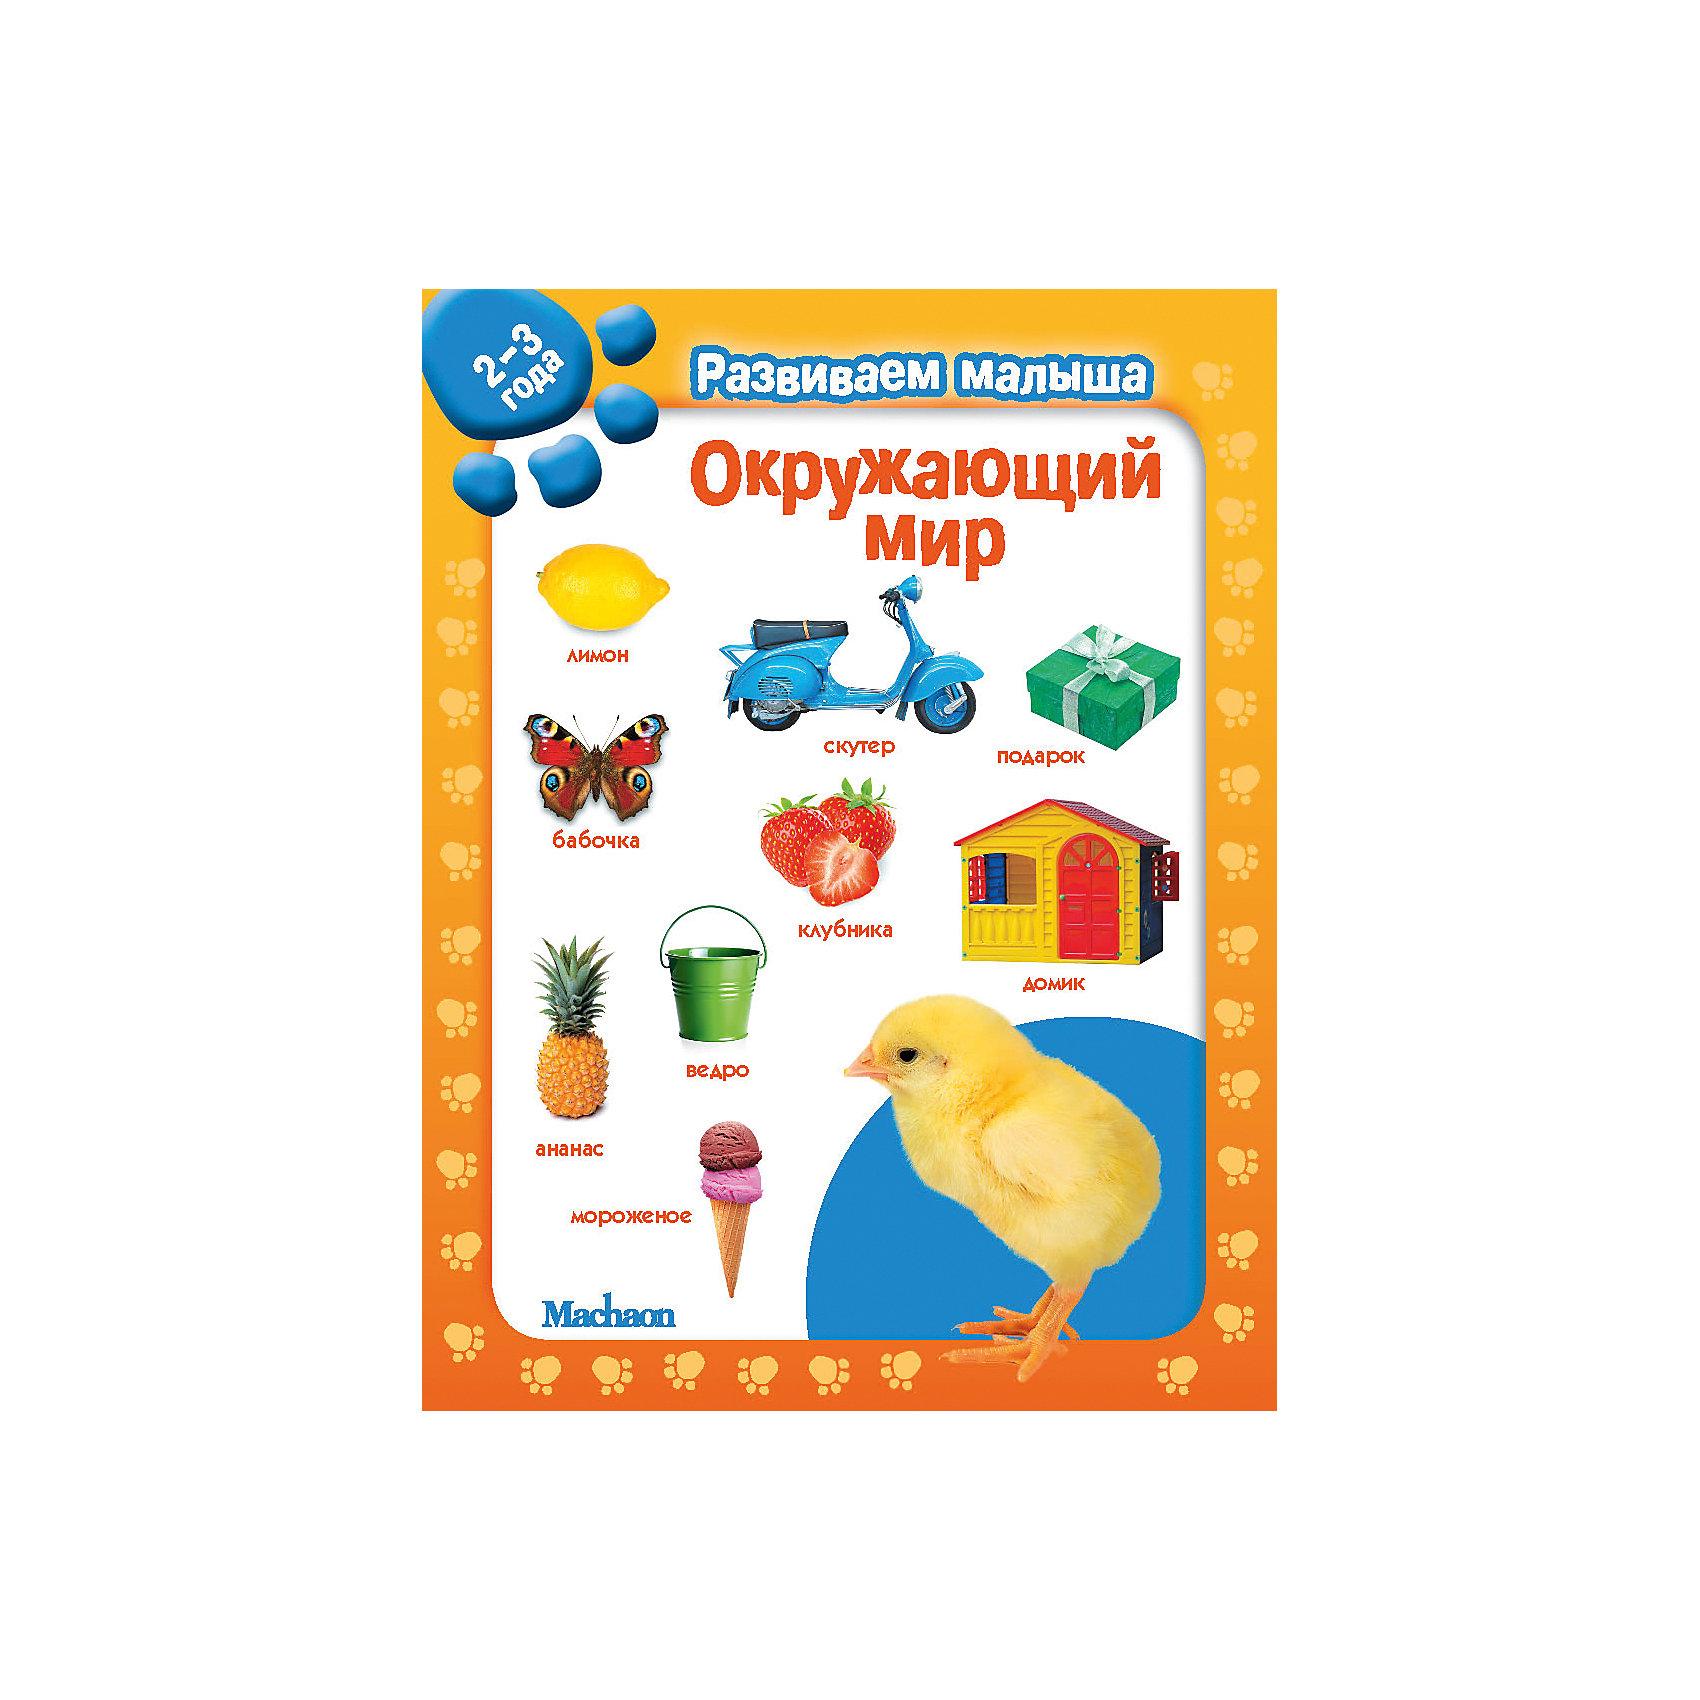 Развивающая книга Окружающий мир. Развиваем малыша (2-3 года)Расширяем кругозор и словарный запас!<br>В этой книге вы найдёте задания, которые помогут ребёнку овладеть навыками общения.<br>Расскажите малышу ещё что-нибудь о предметах, изображённых на картинках. Постарайтесь использовать при этом самые простые слова. Малыш с удовольствием будет выполнять все упражнения, ведь каждая книга этой серии – для него настоящее открытие!<br><br>Дополнительная информация:<br><br>Серия: Развиваем малыша (картон с вырубкой)<br><br>Формат: 145х190 мм .<br>Переплет: обложка<br>Объем: 20 стр.<br><br>Развивающая книга Окружающий мир. Развиваем малыша (2-3 года) можно купить в нашем магазине.<br><br>Ширина мм: 190<br>Глубина мм: 145<br>Высота мм: 10<br>Вес г: 241<br>Возраст от месяцев: 12<br>Возраст до месяцев: 36<br>Пол: Унисекс<br>Возраст: Детский<br>SKU: 4050421